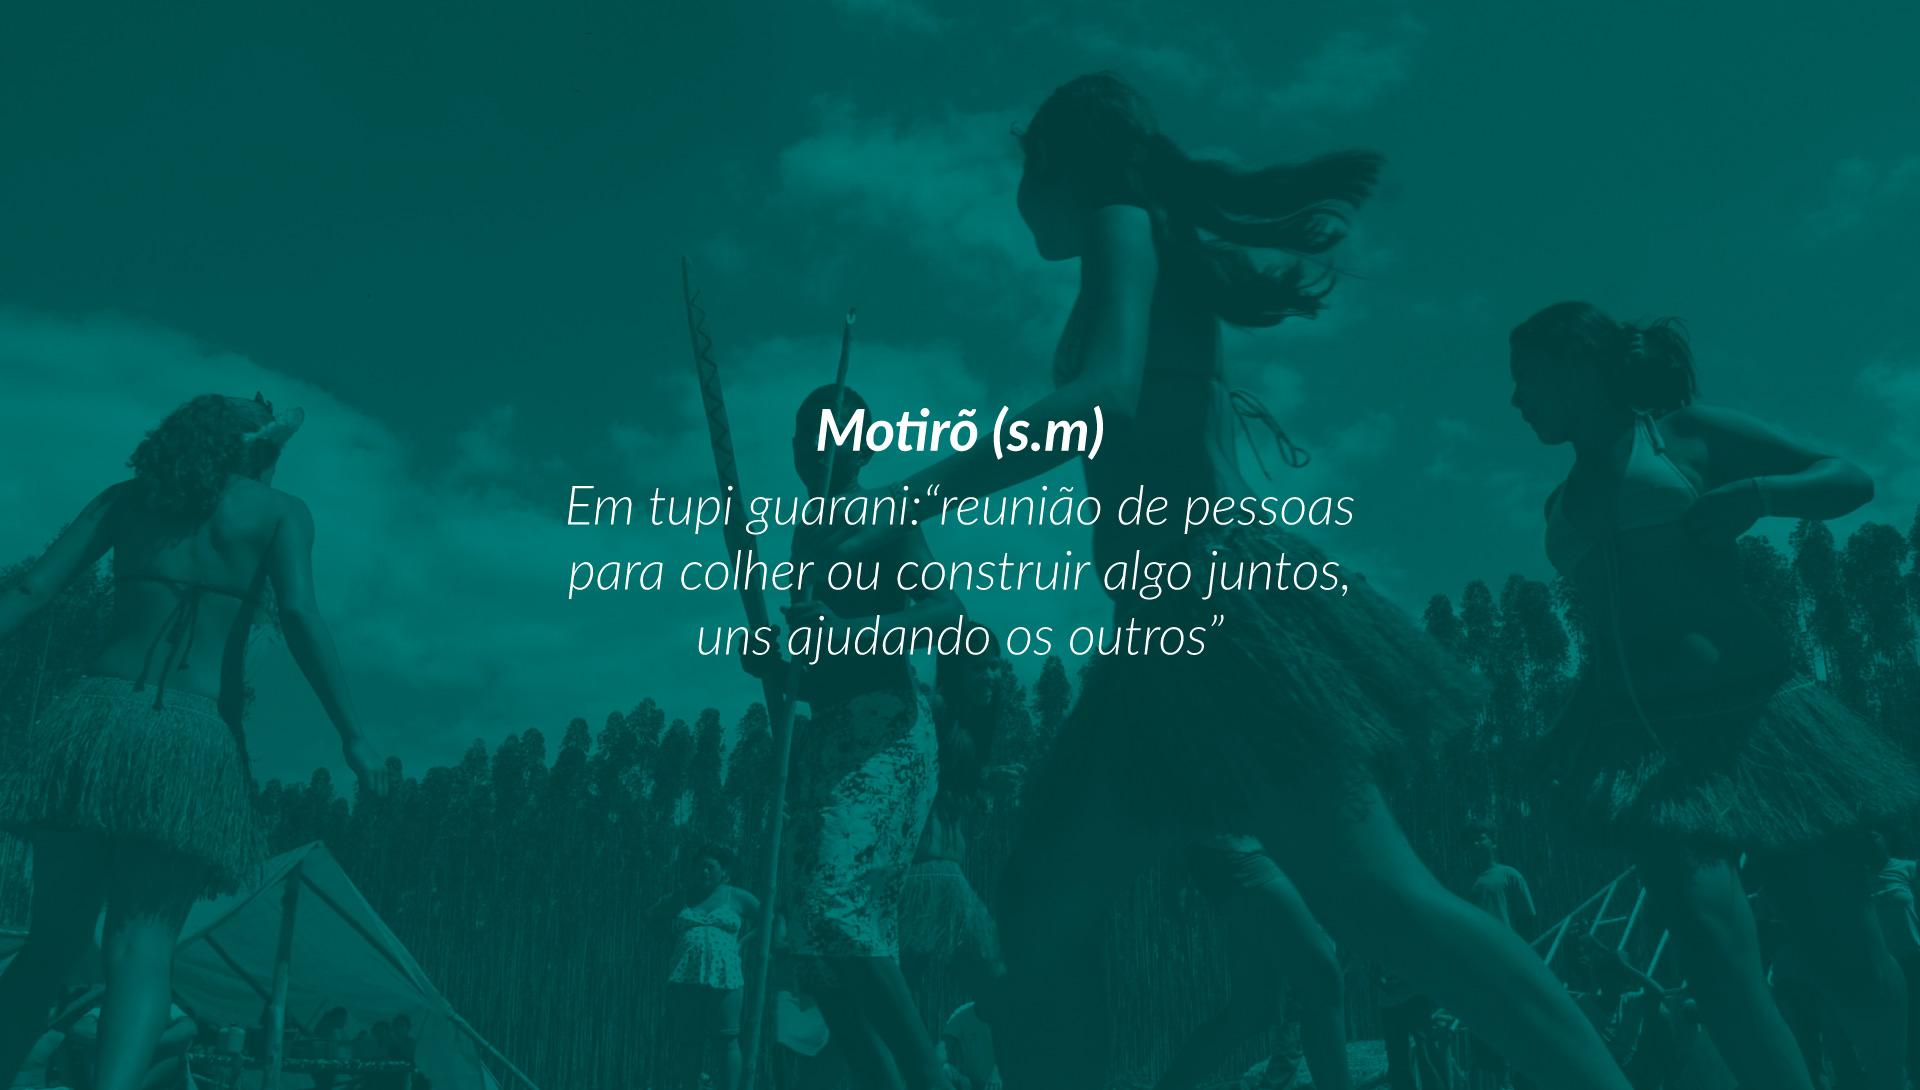 branding-motiro-02